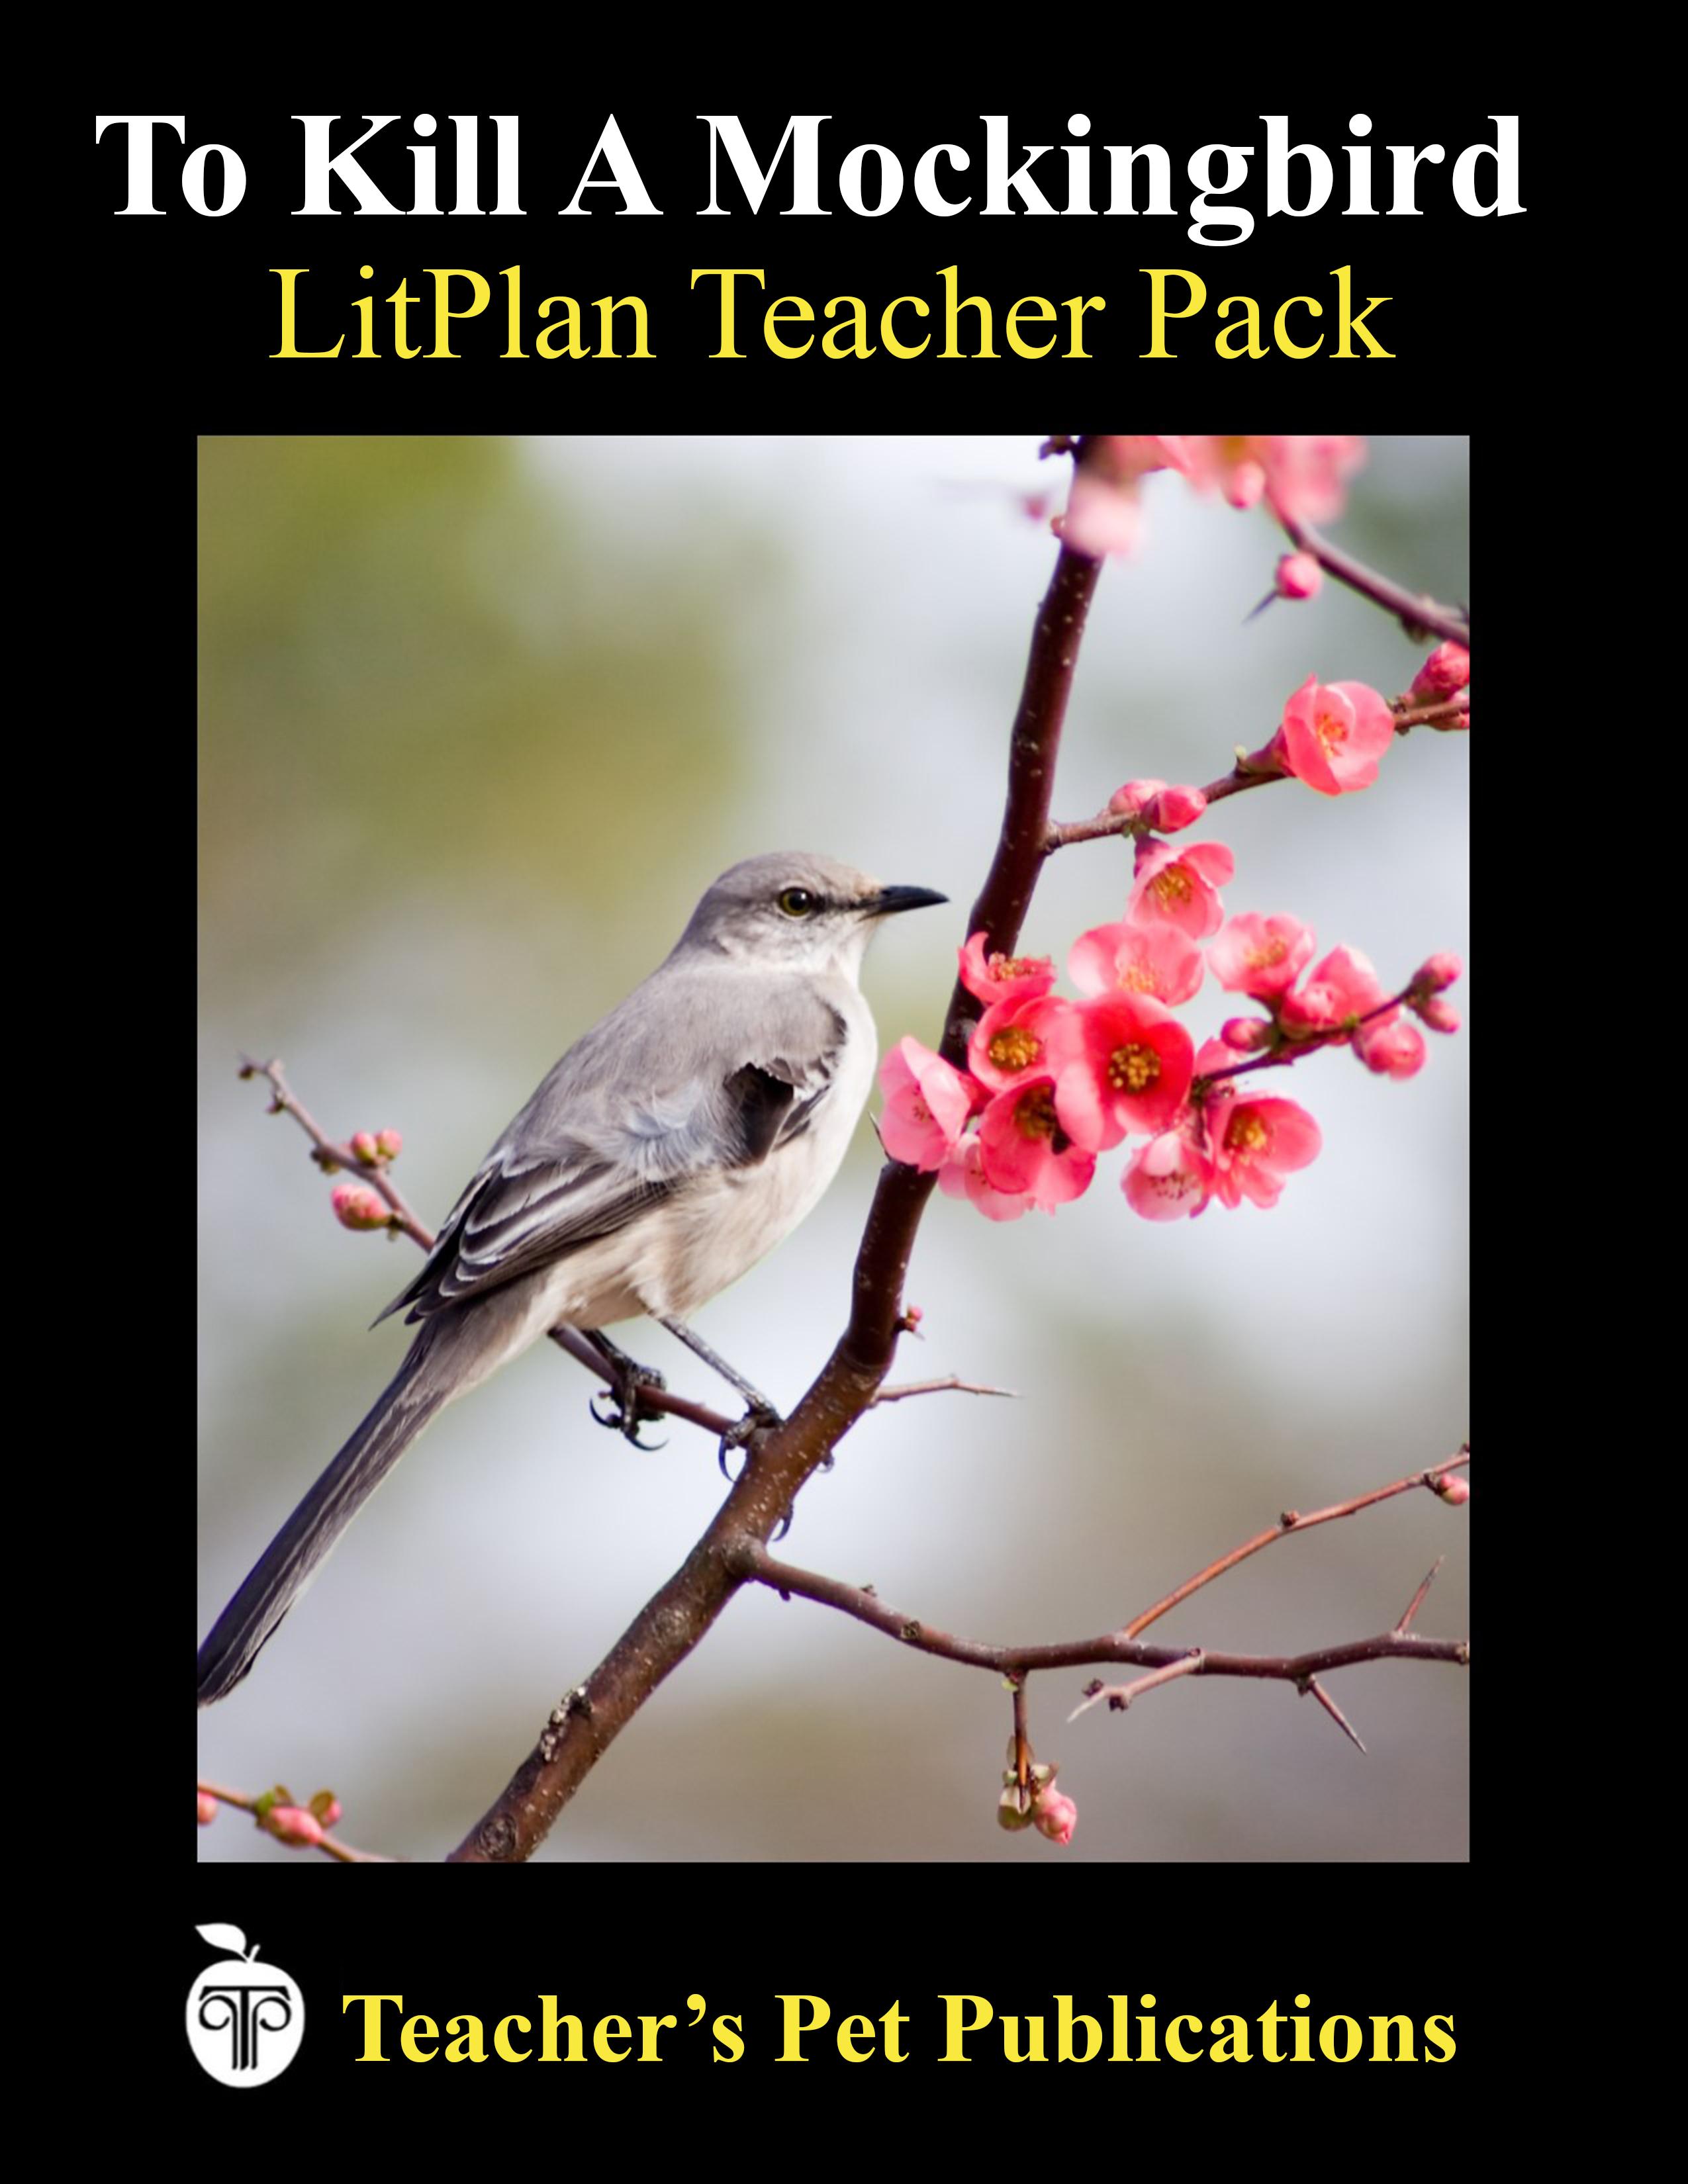 LitPlan Teacher Packs